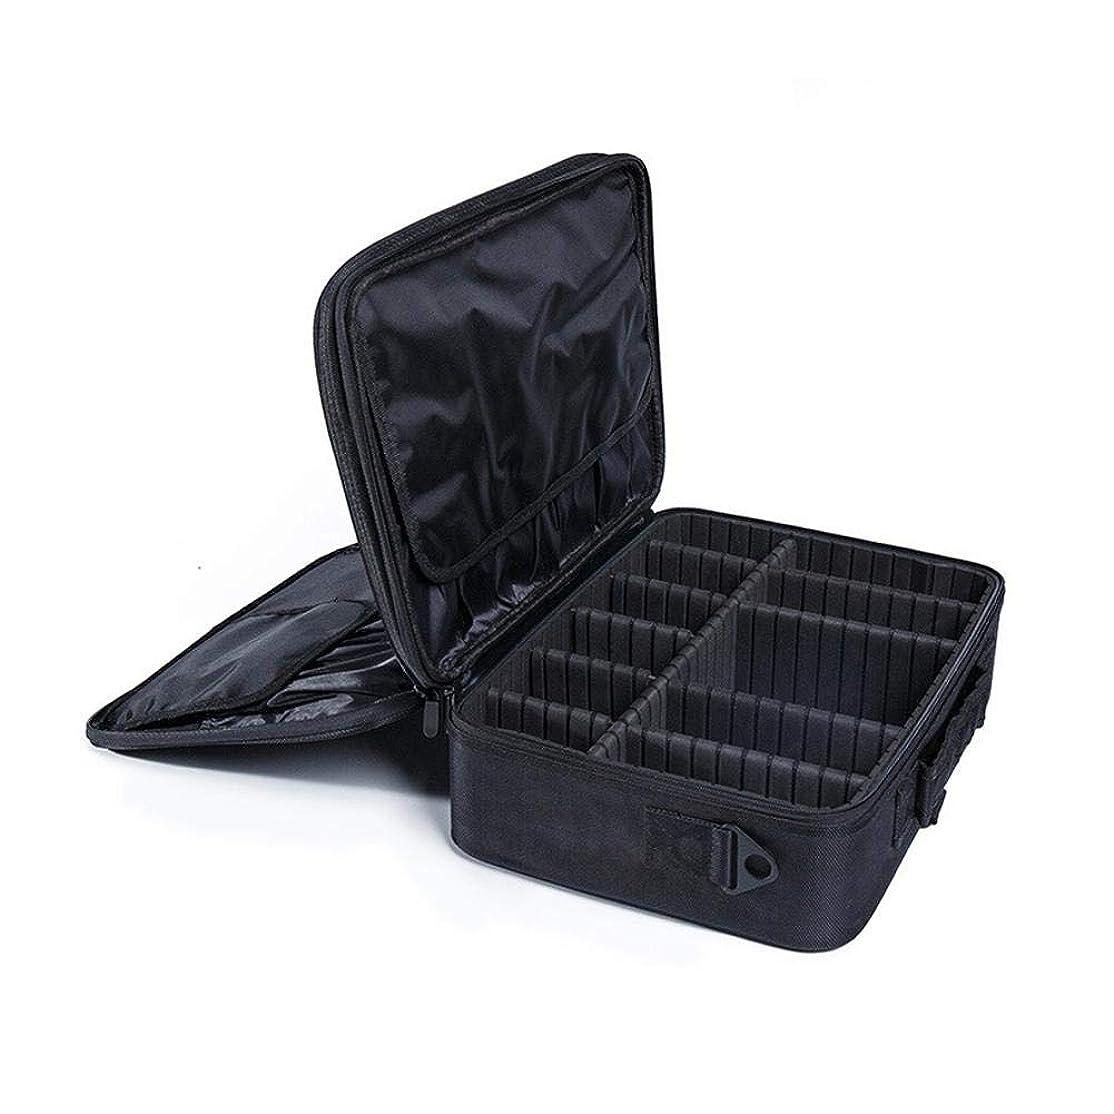 アスリート超高層ビルサラミ収納ボックス プロのタトゥーマニキュア収納ツールボックス大型化粧品ケース収納ボックスポータブルメイクトレインケースメイクアップバッグオーガナイザー 高容量、優れたシール性、自由な組み合わせ、耐摩耗性、内部レイアウトの調整、高級オックスフォードクロス素材